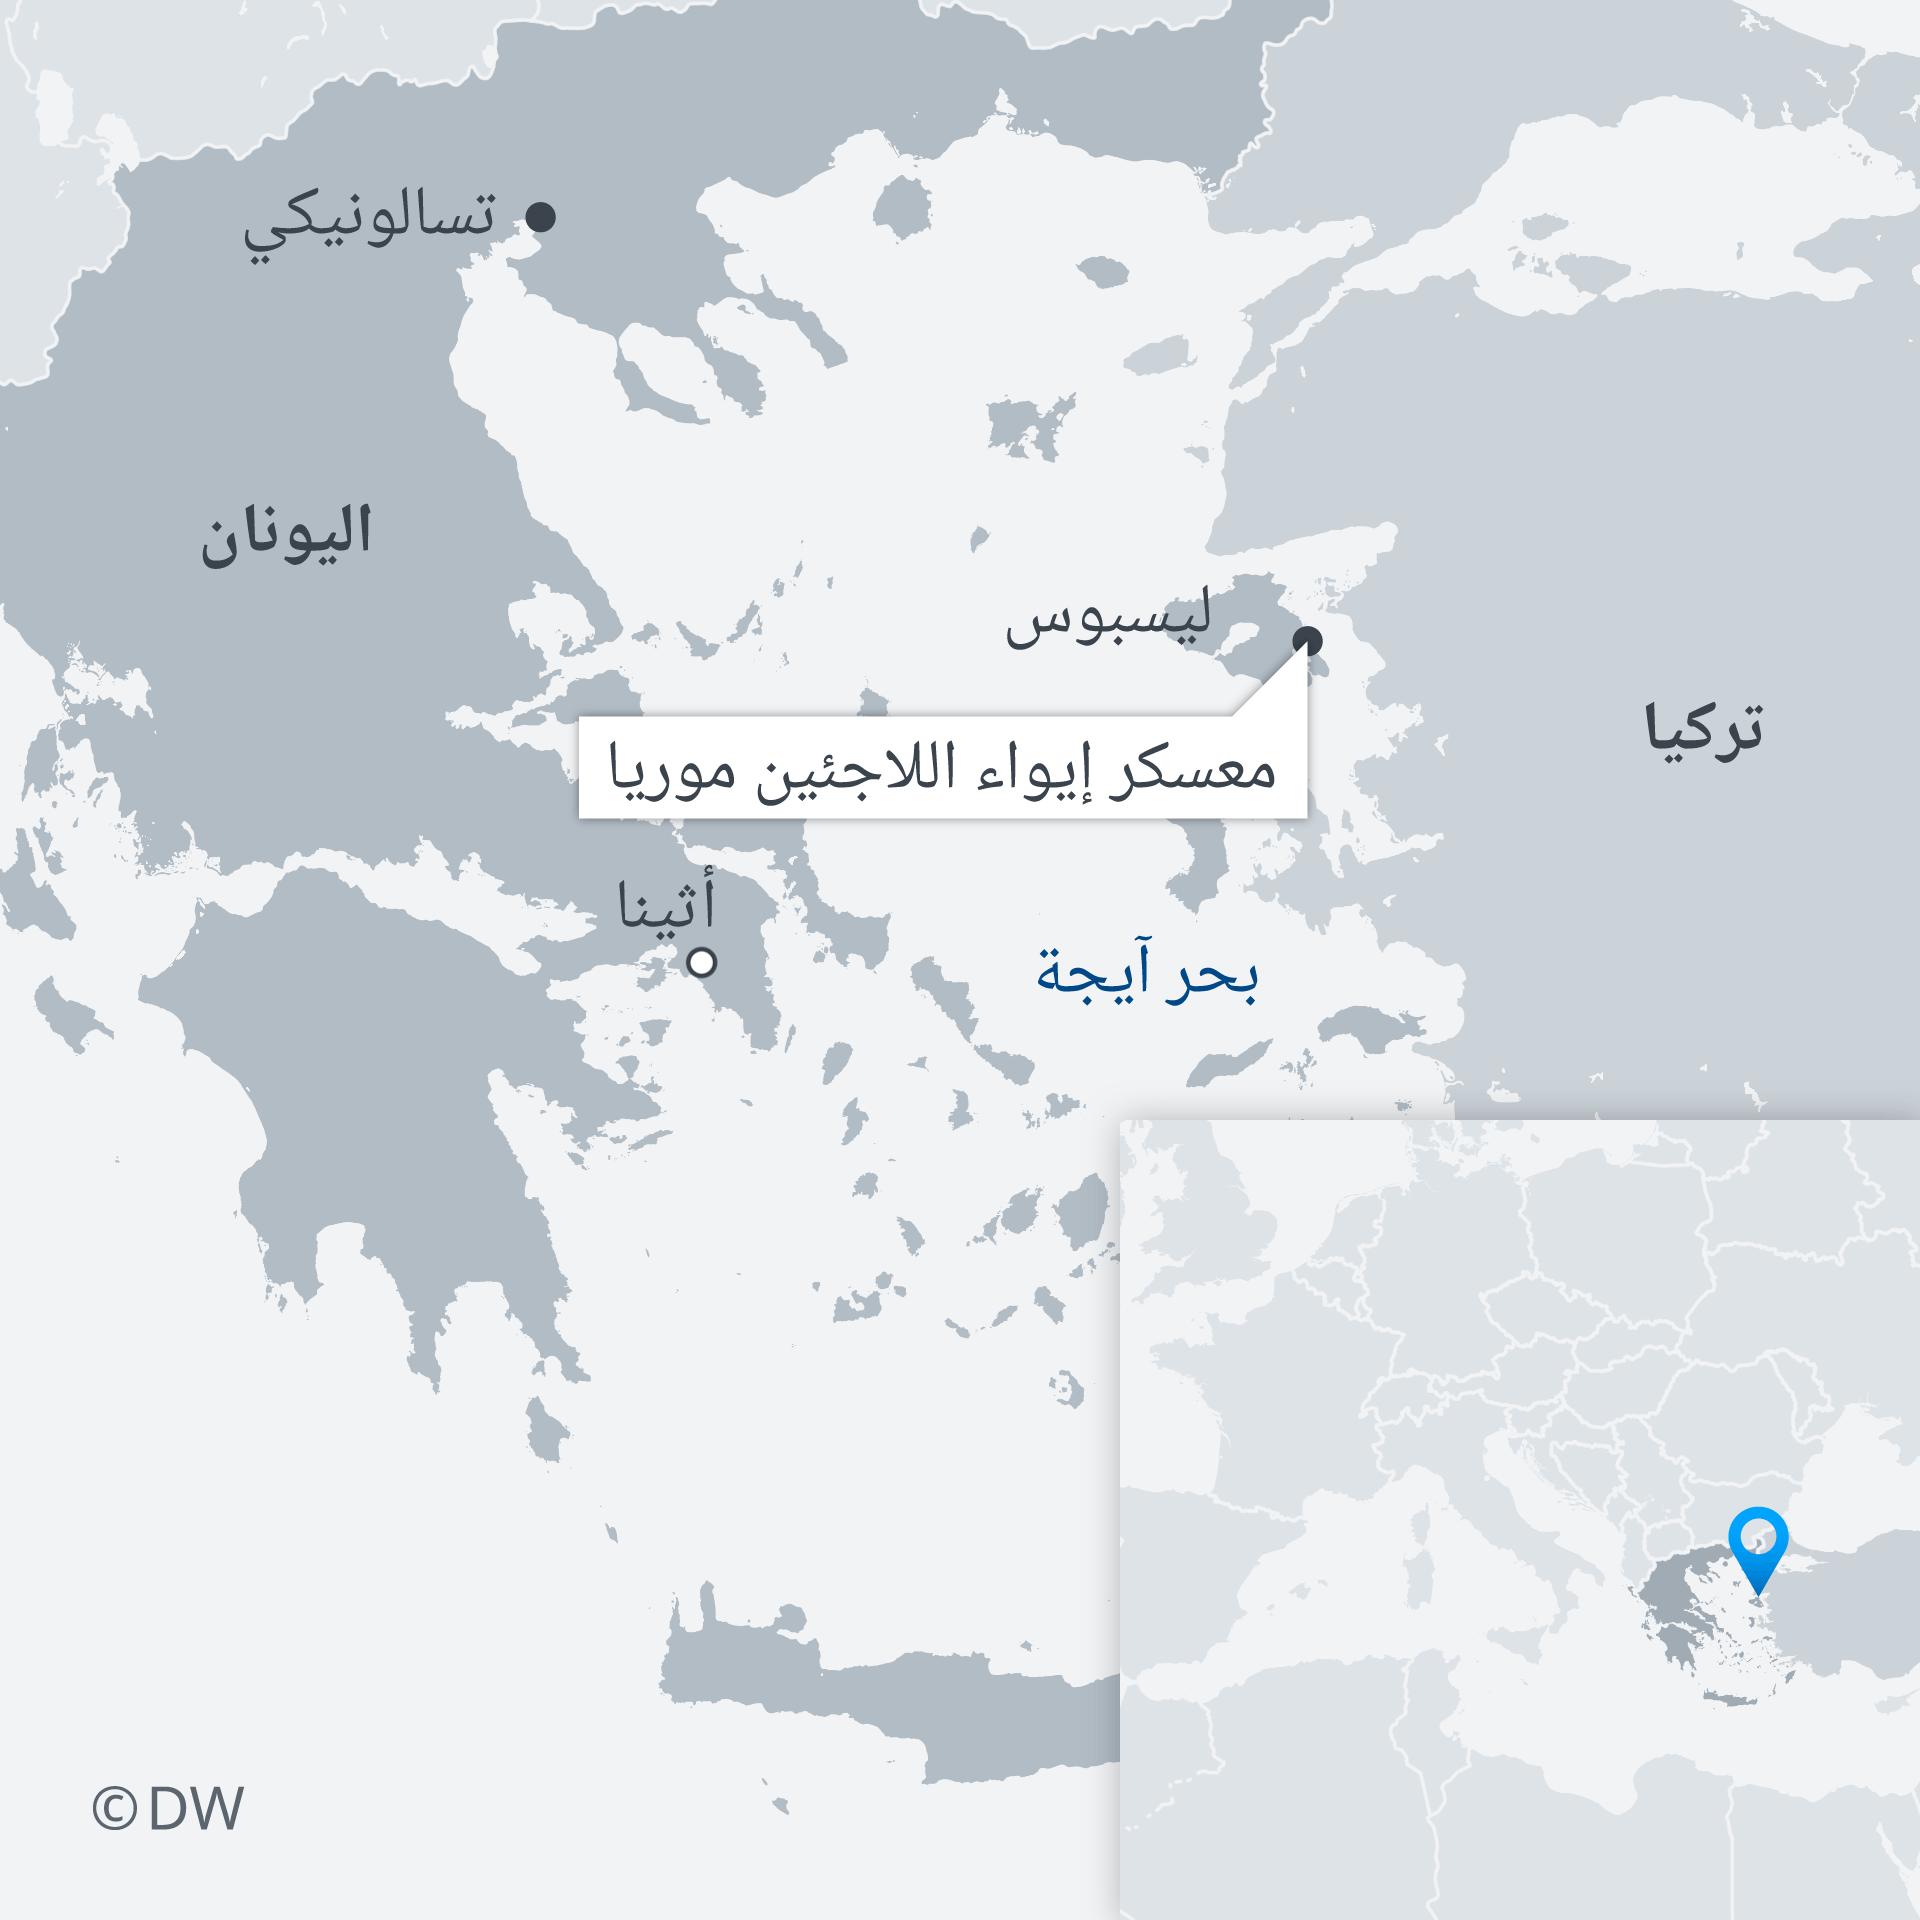 تركيا أم الاتحاد الأوروبي من المسؤول عن تعثر اتفاق اللاجئين سياسة واقتصاد تحليلات معمقة بمنظور أوسع من Dw Dw 05 10 2019